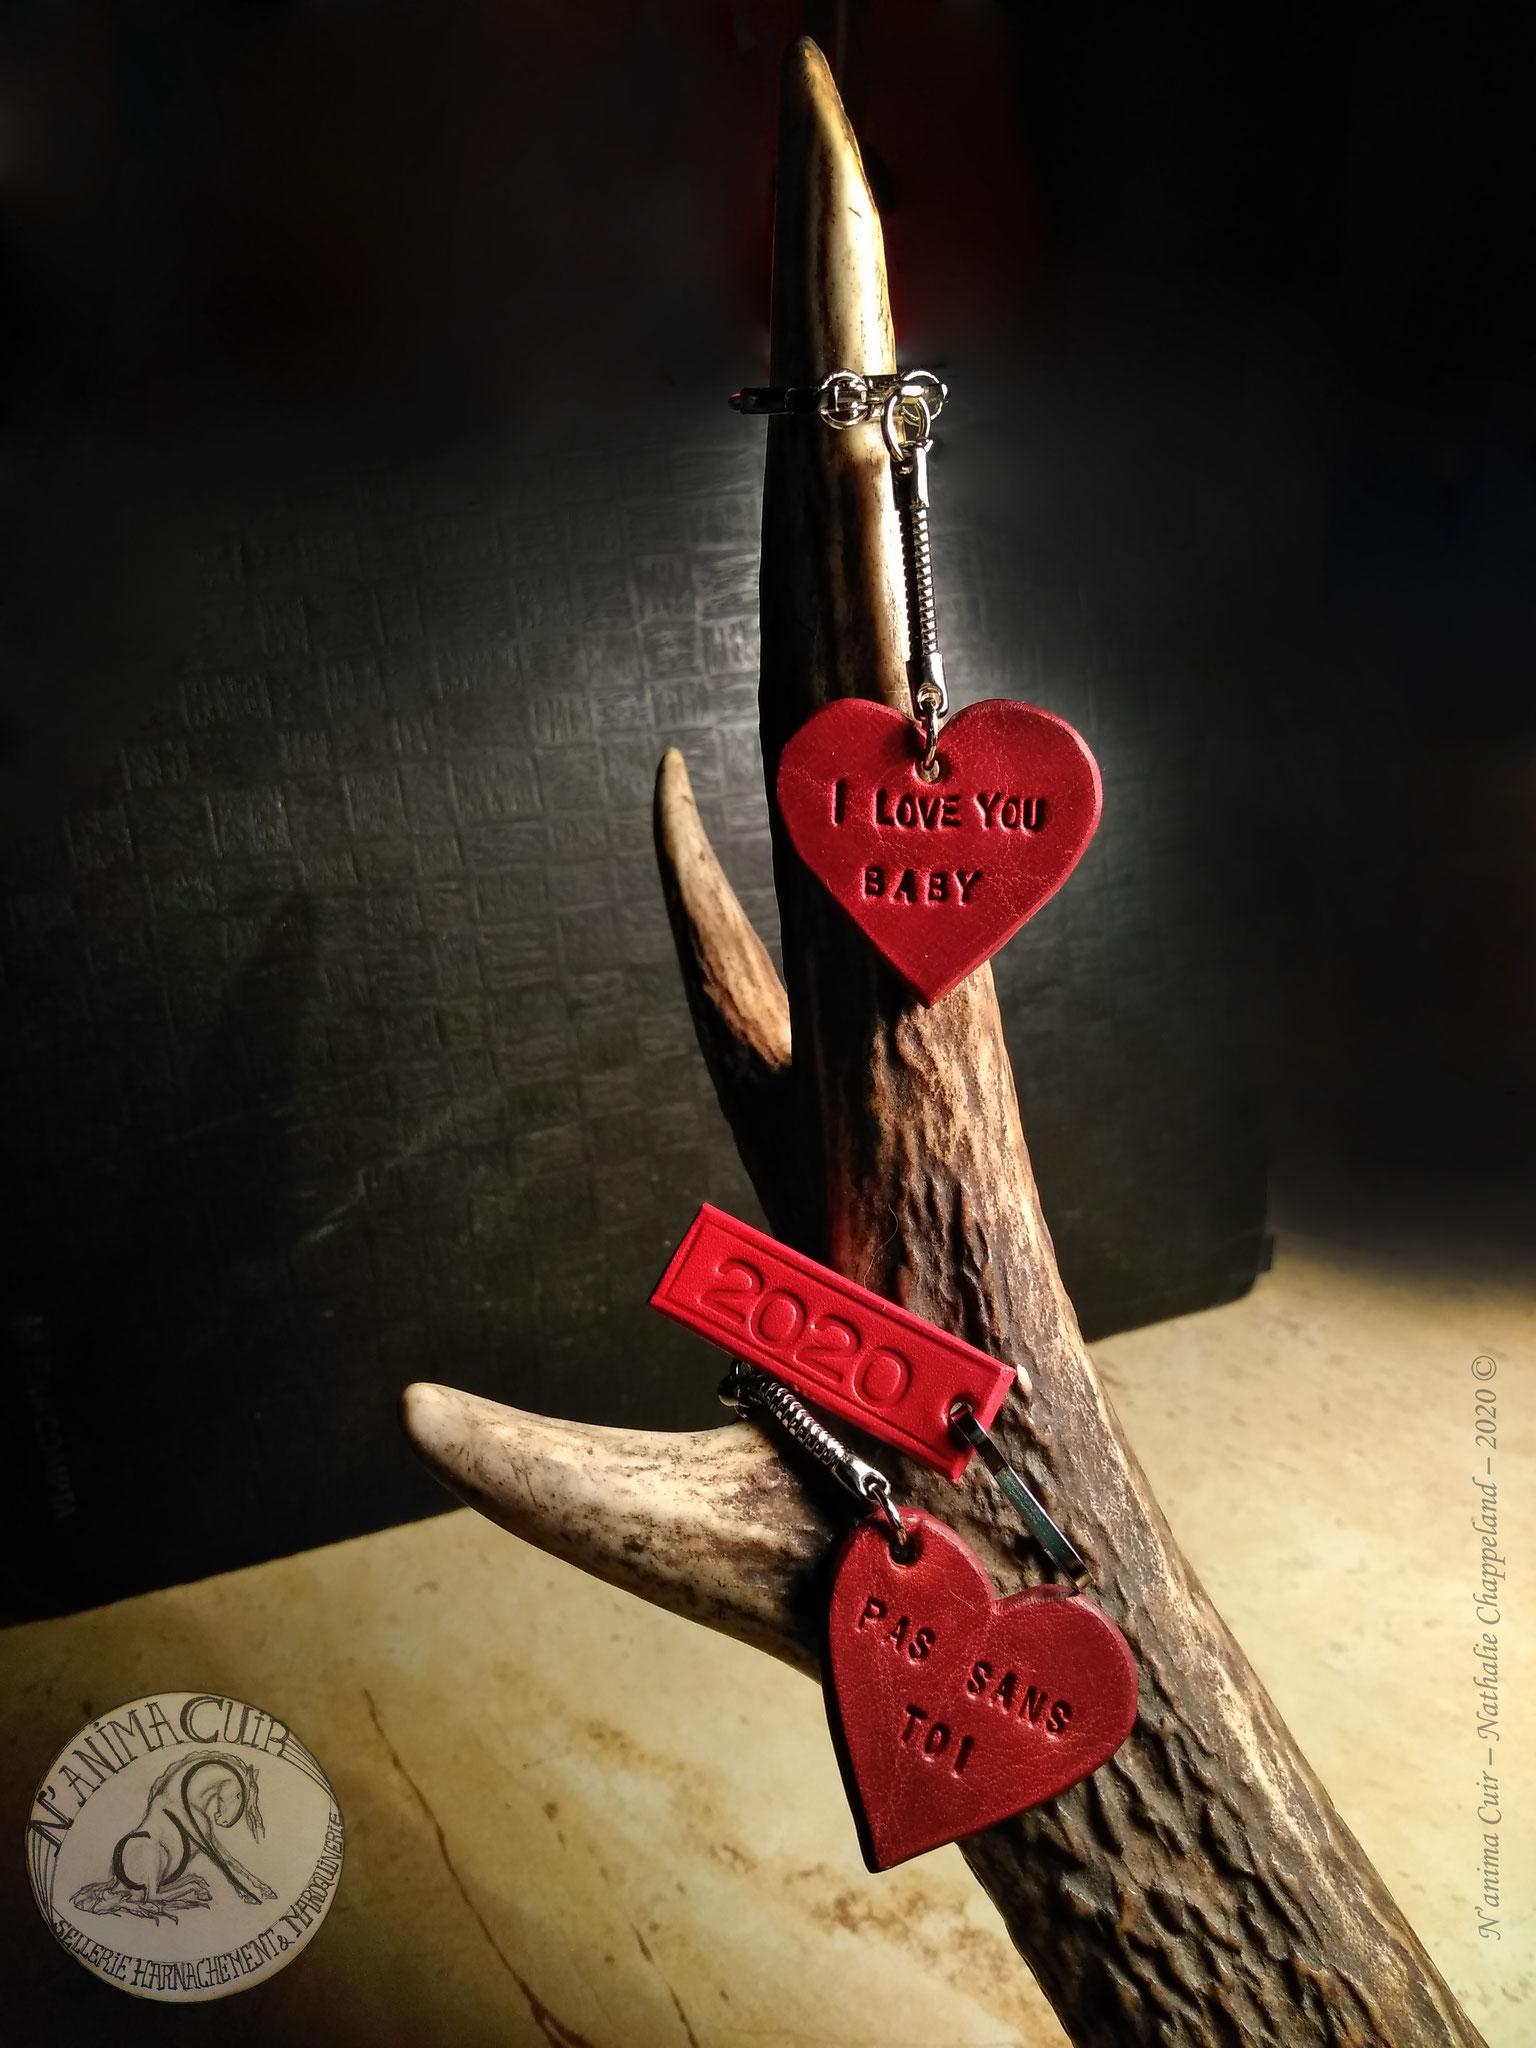 Porte-clés cuir personnalisés, N'anima Cuir 2020 © disponibles (1 exemplaire de chaque en stock) et disponibles sur commande (avec personnalisation)